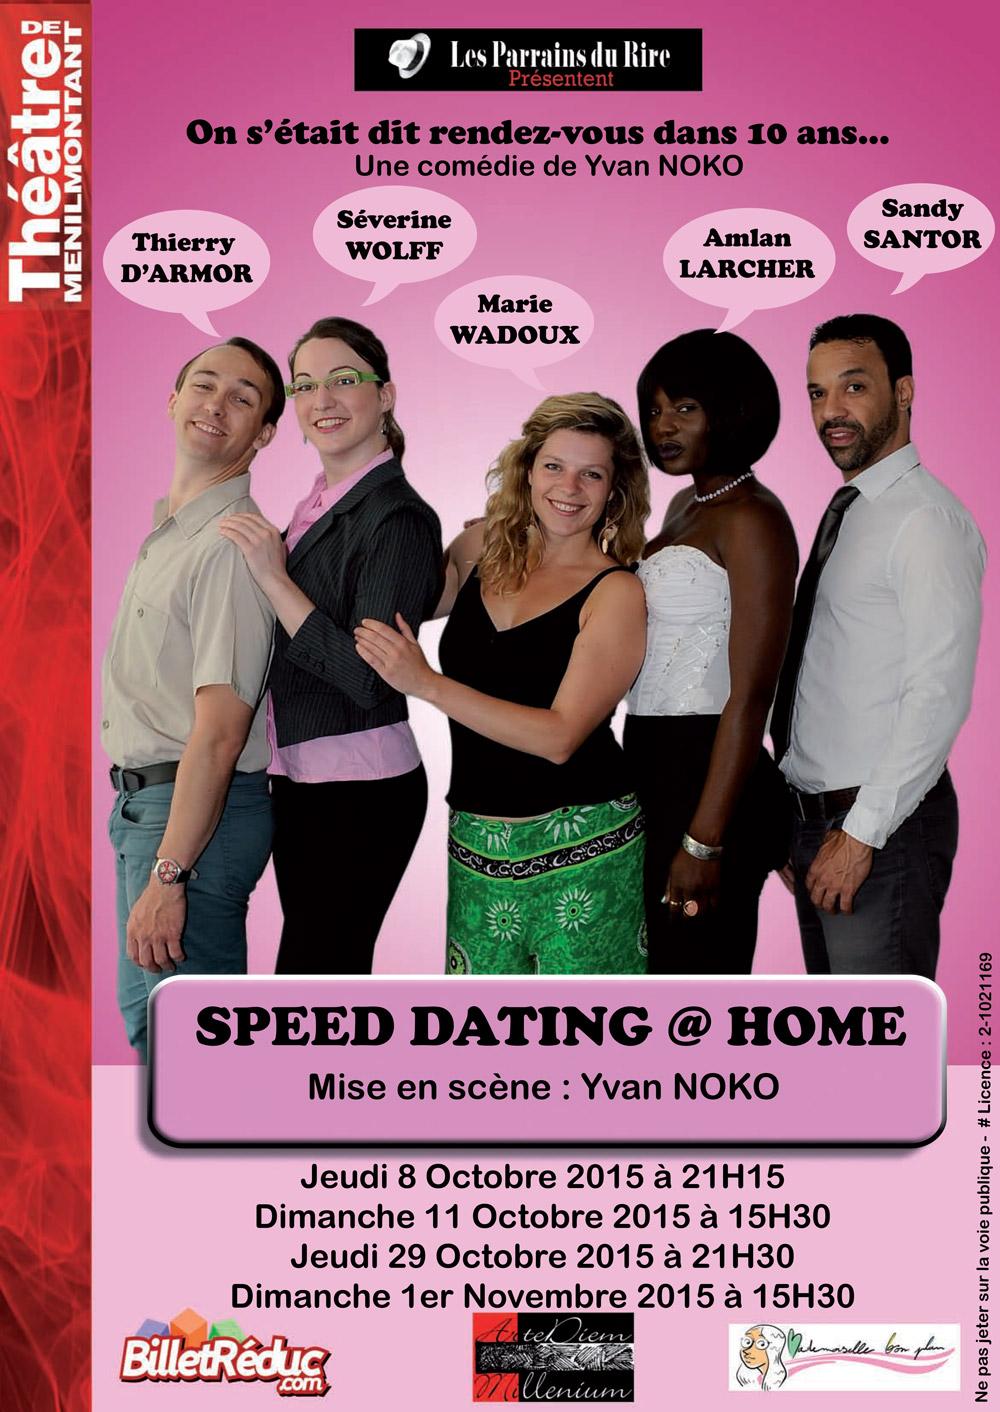 Fiche speed dating